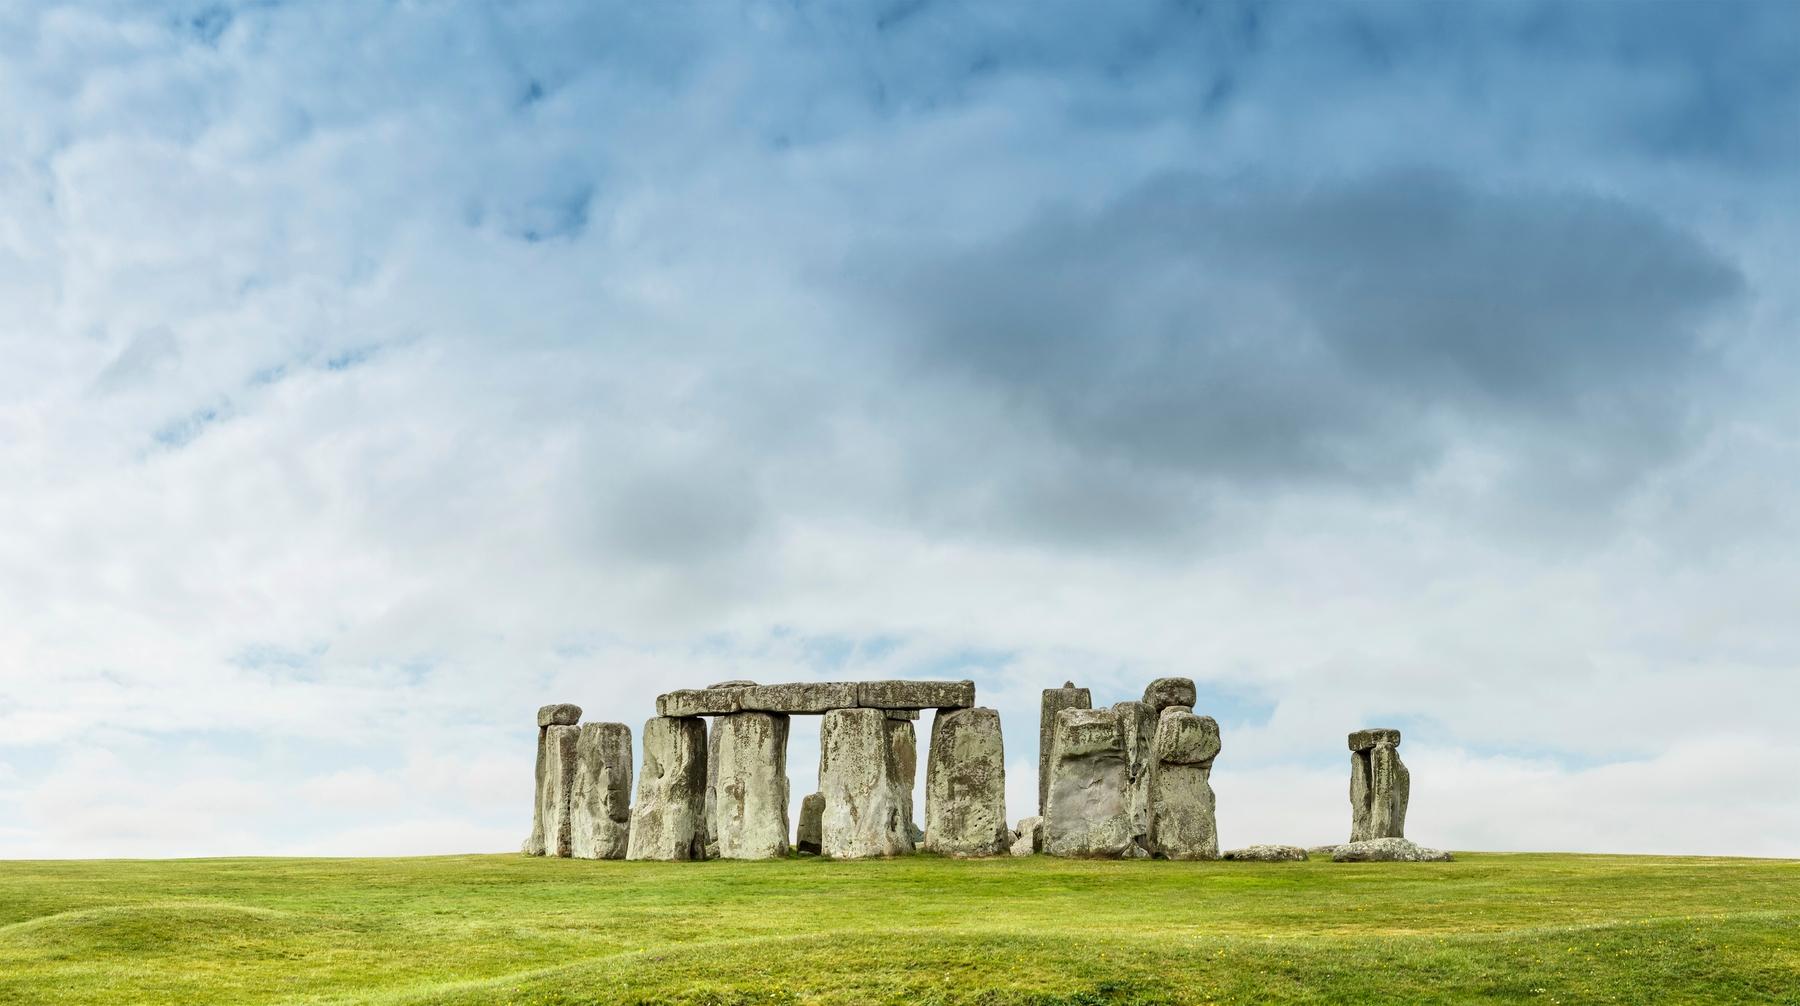 Los 20 lugares más fascinantes del mundo: Reino Unido